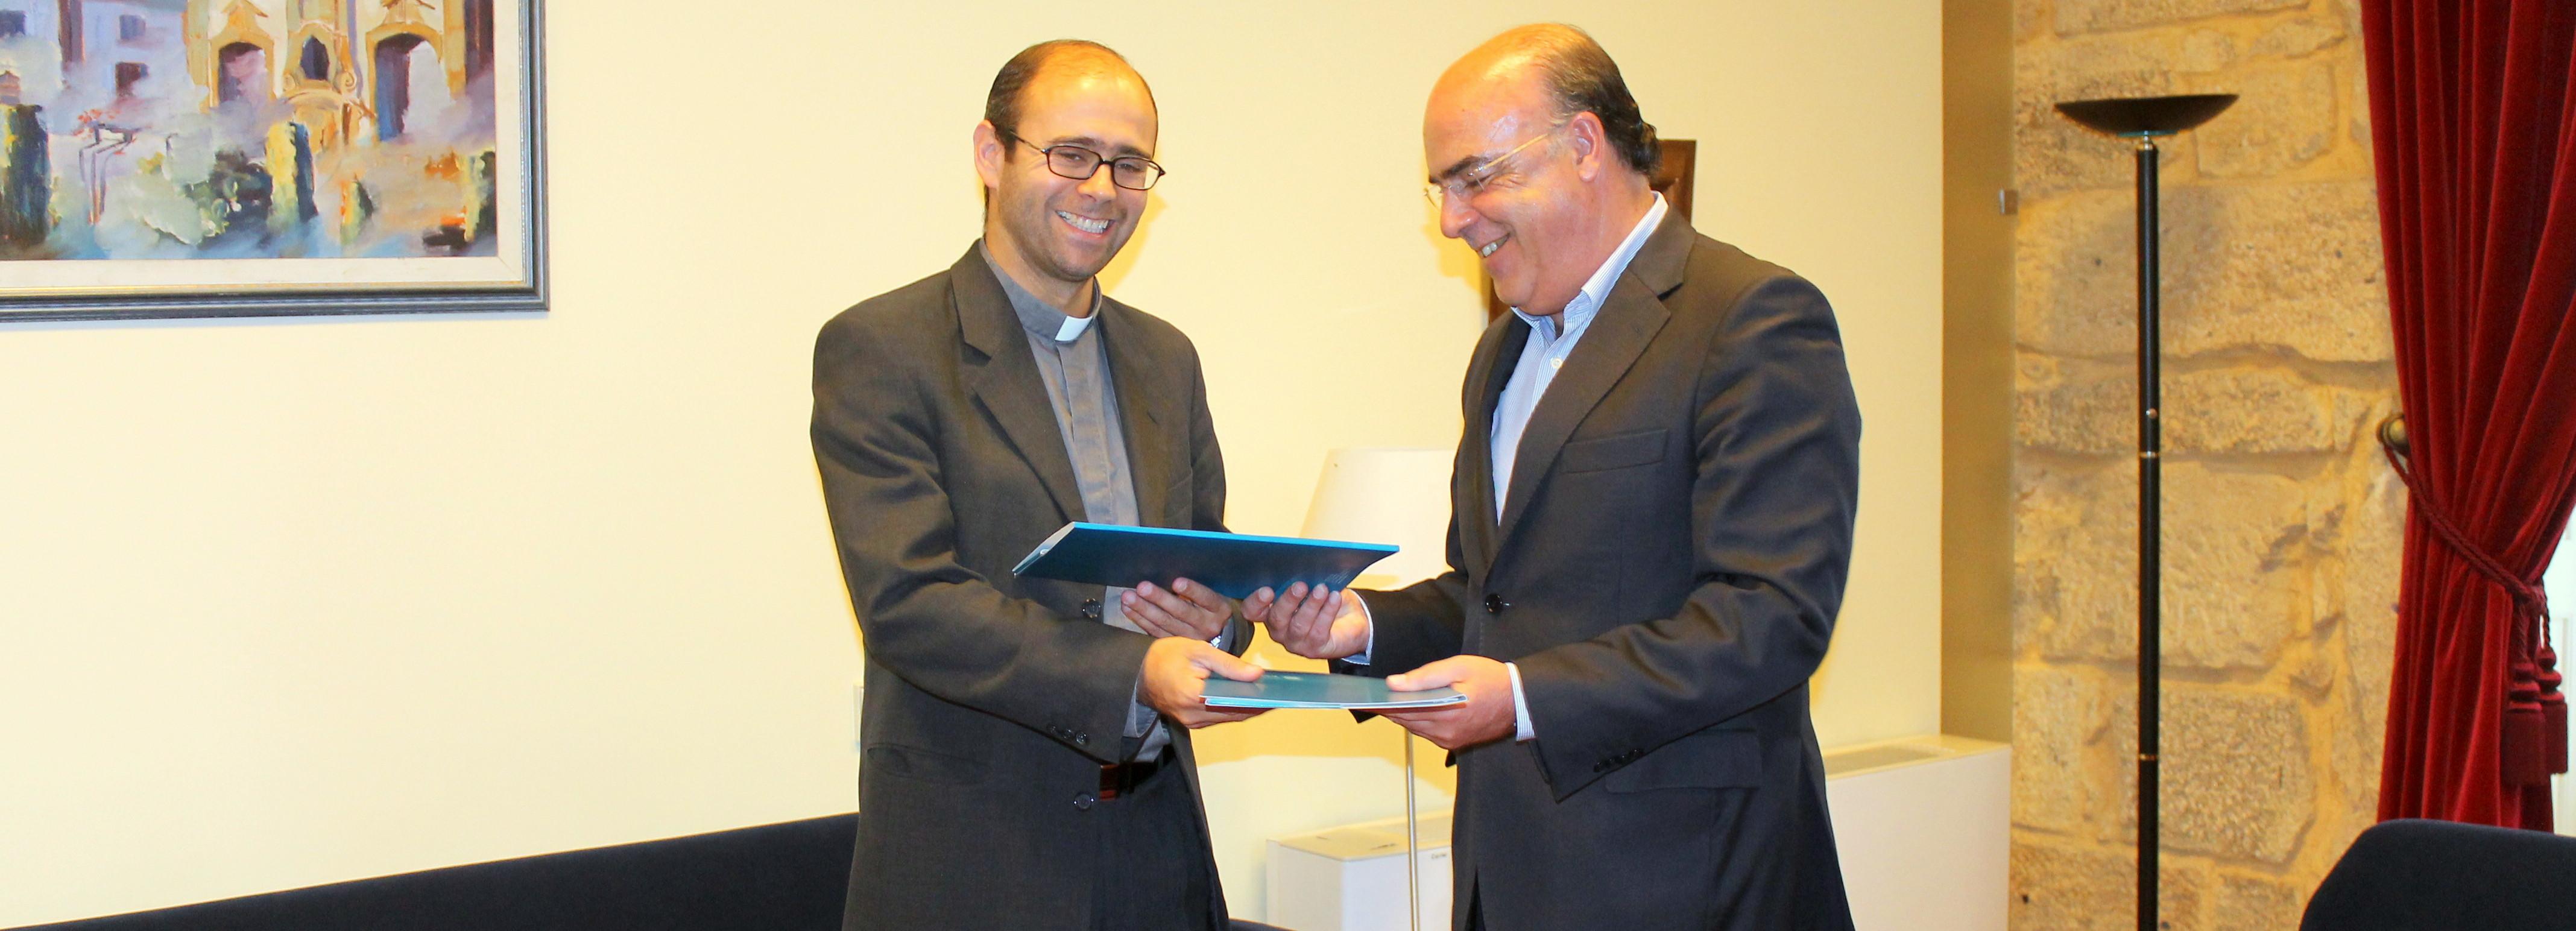 Município de Barcelos e Centro Social da Paróquia de Arcozelo assinam protocolo para apoiar famílias com crianças e jovens em risco